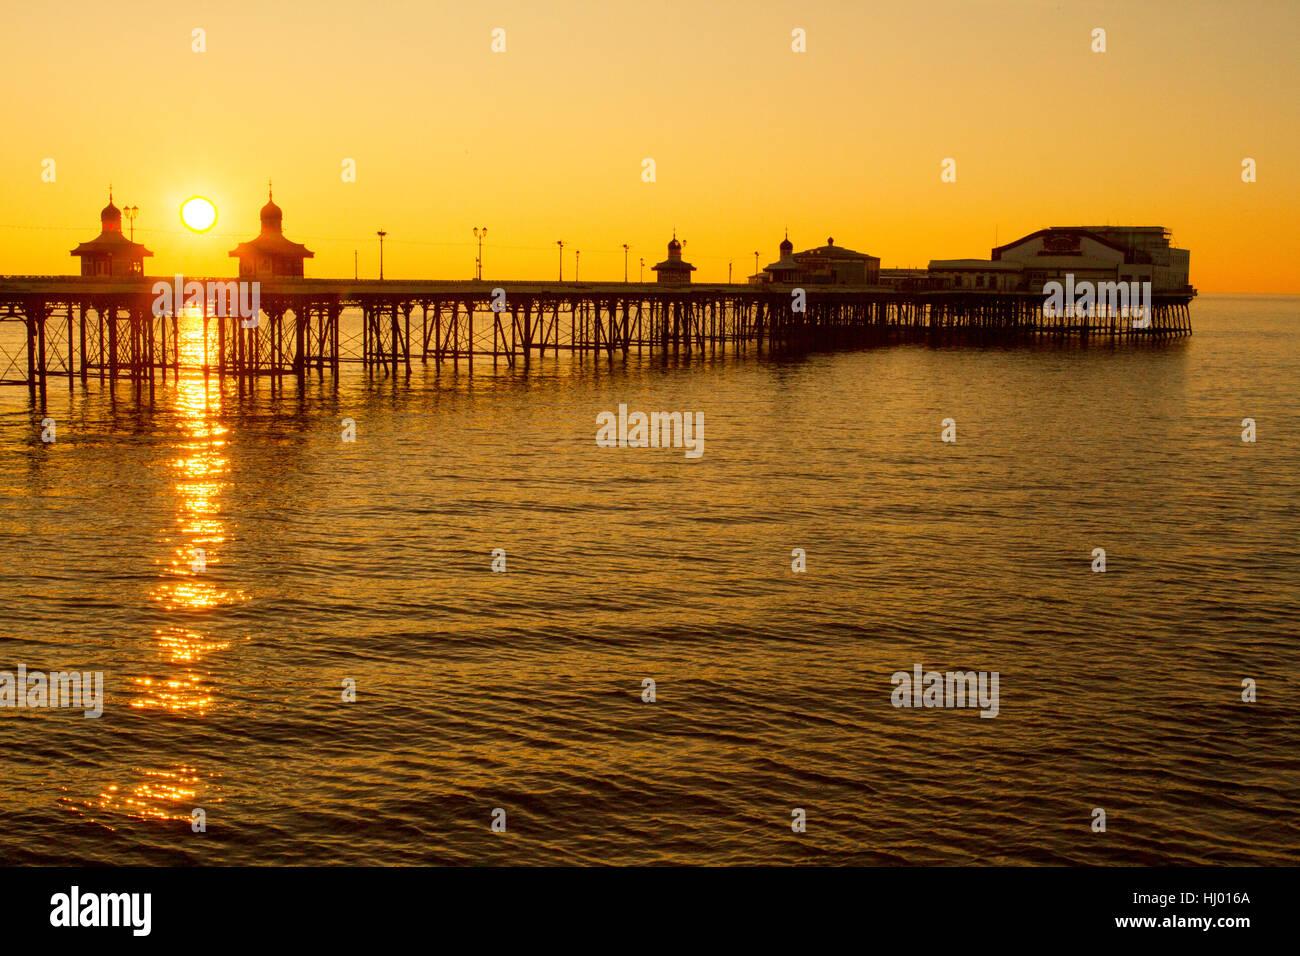 Marea Alta en Blackpool, el Muelle Norte, una estructura victoriana y emblemático, al atardecer, Lancashire, UK Foto de stock